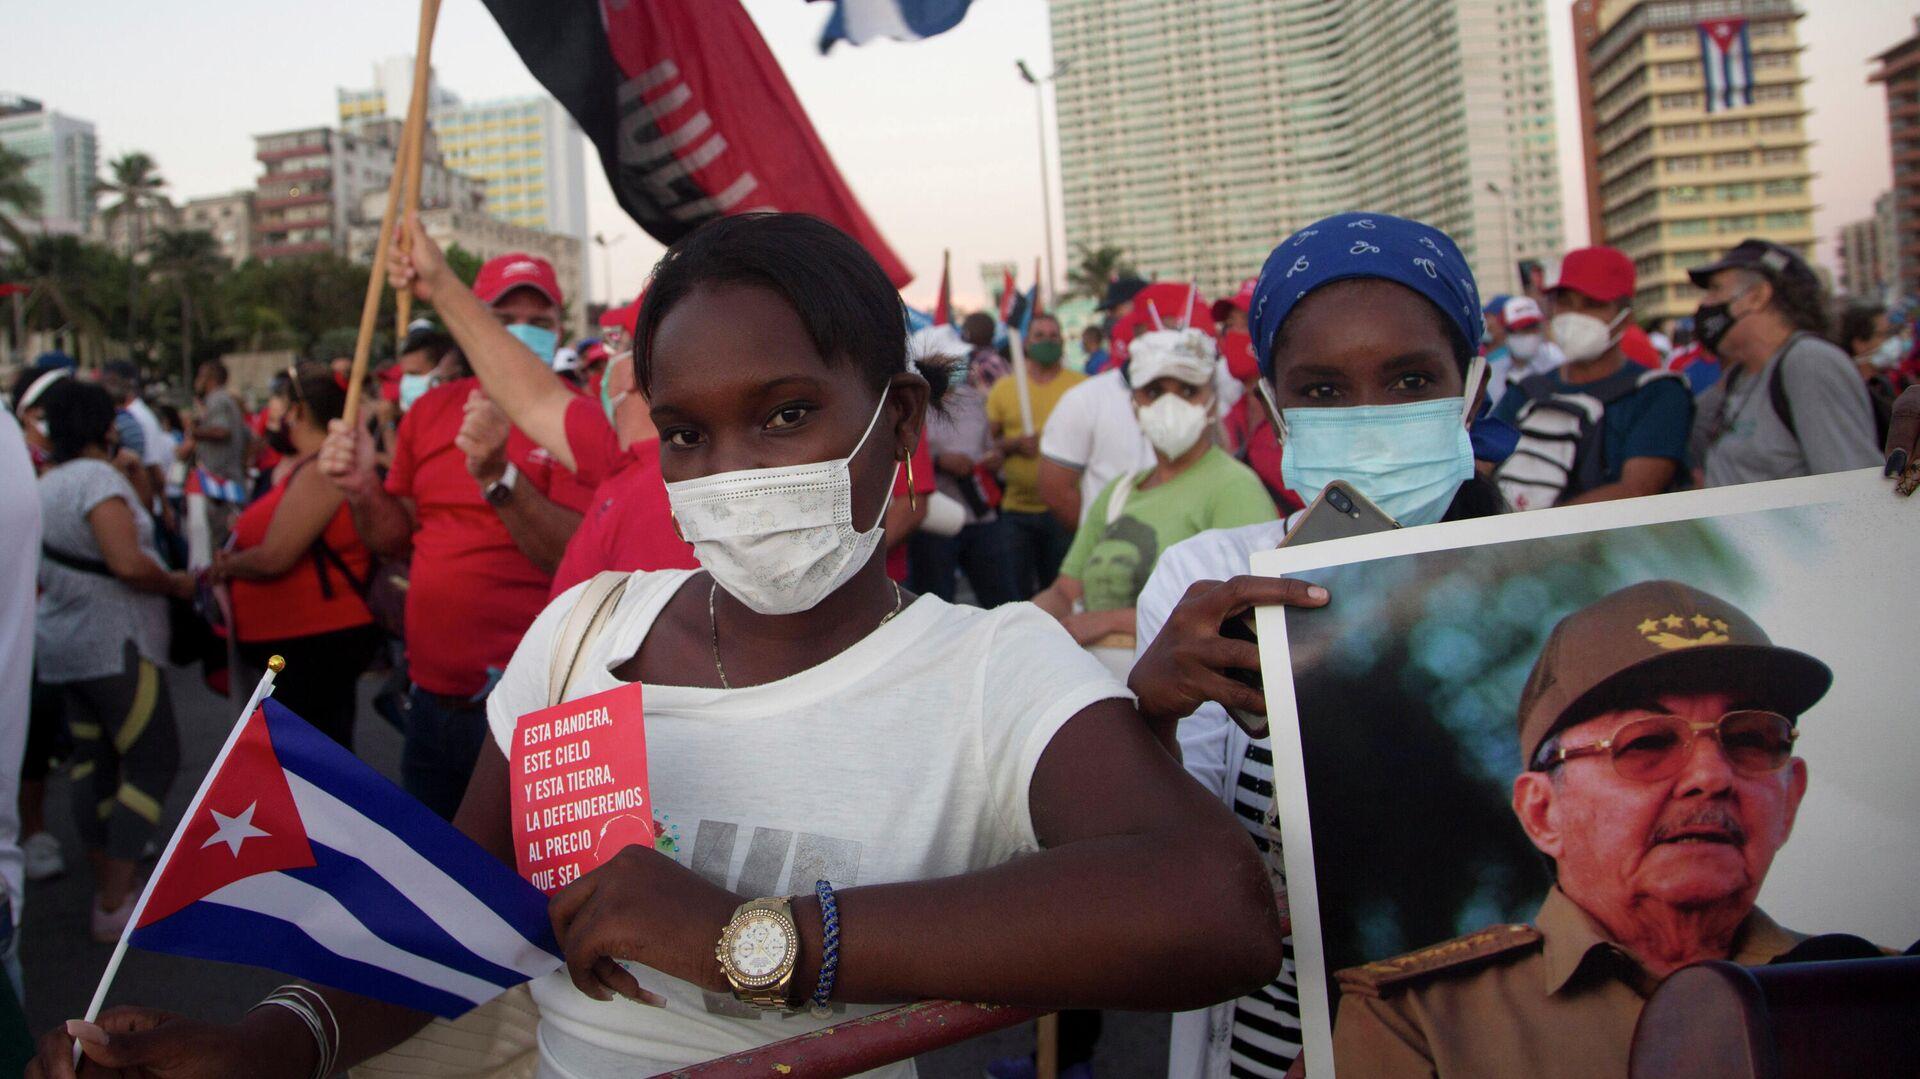 Более 100 тысяч человек вышли на улицы Кубы, чтобы выразить поддержку правительству и осудить прошедшие в стране массовые протесты - РИА Новости, 1920, 17.07.2021